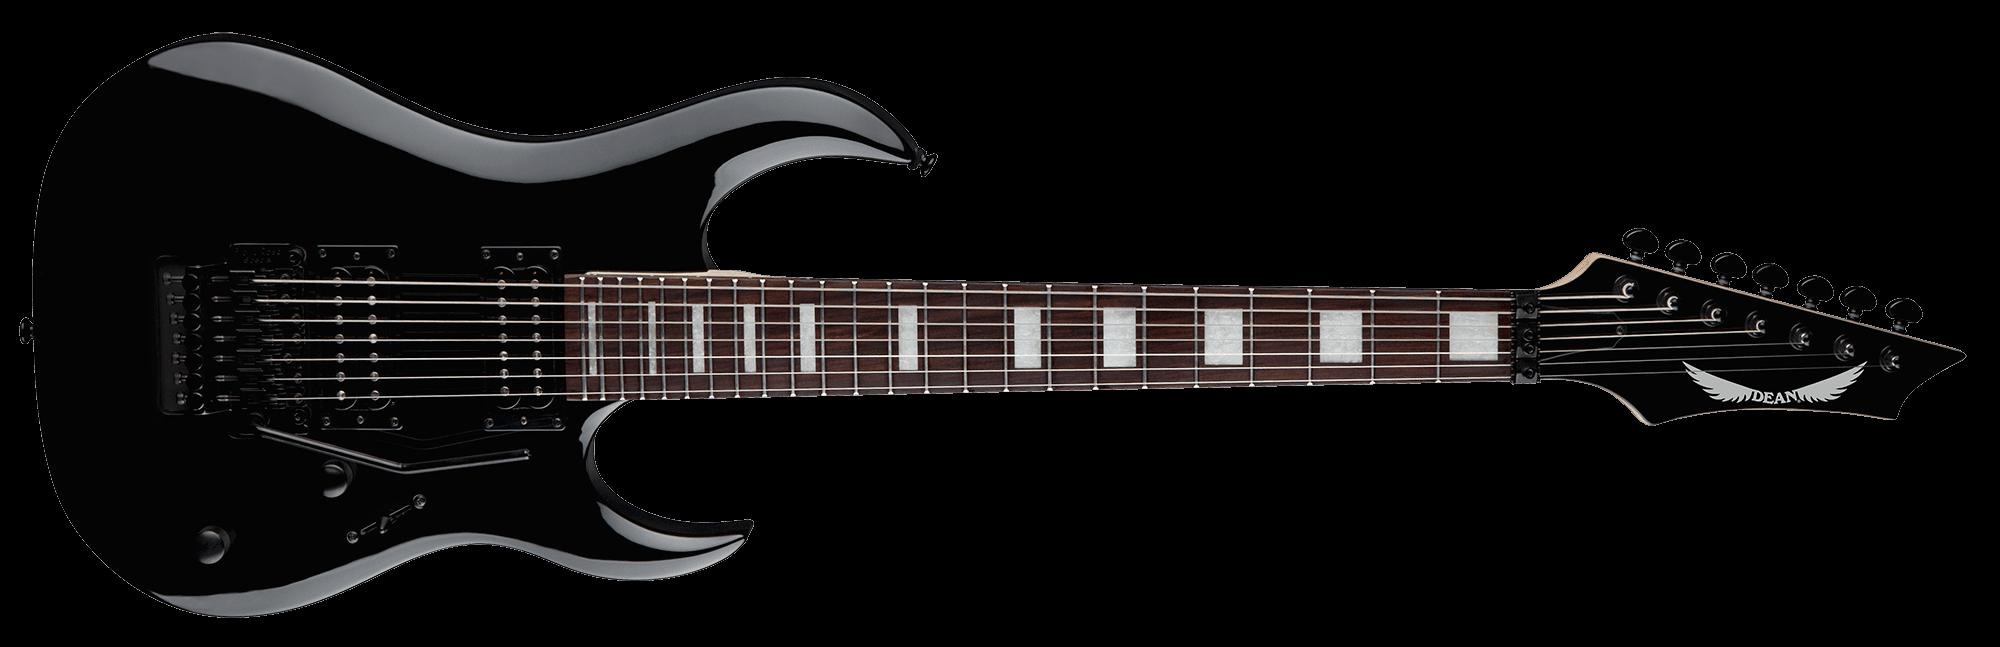 Michael Batio MAB7X 7 String CBK